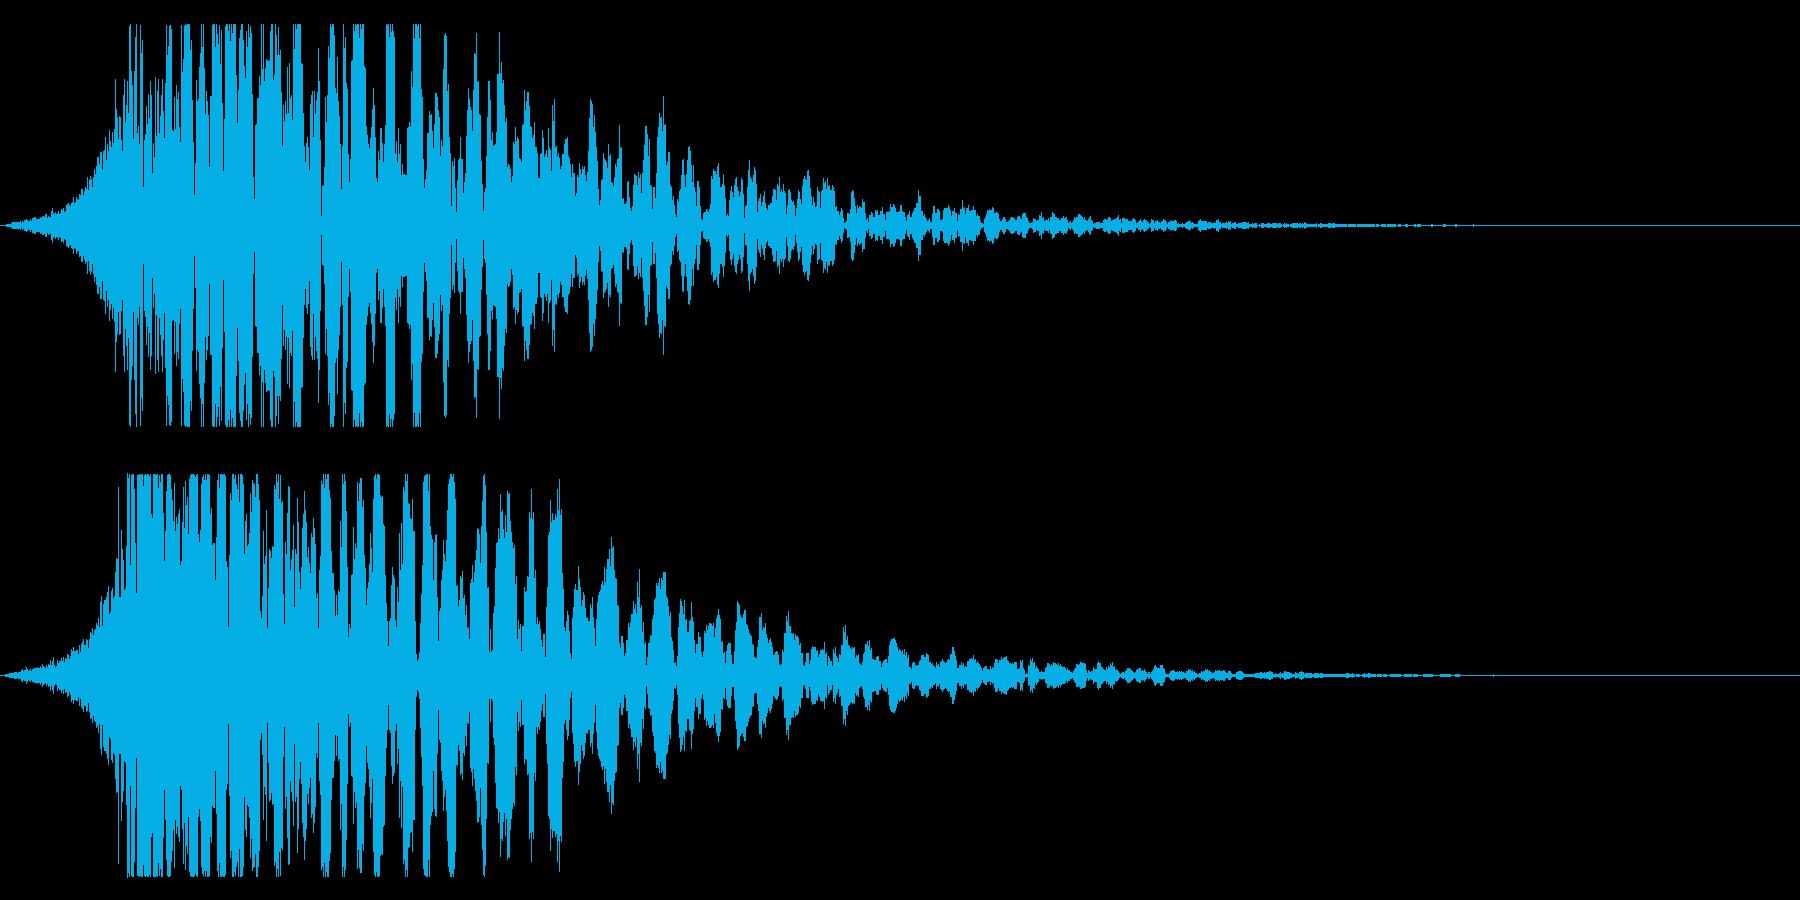 シュードーン-21-3(インパクト音)の再生済みの波形